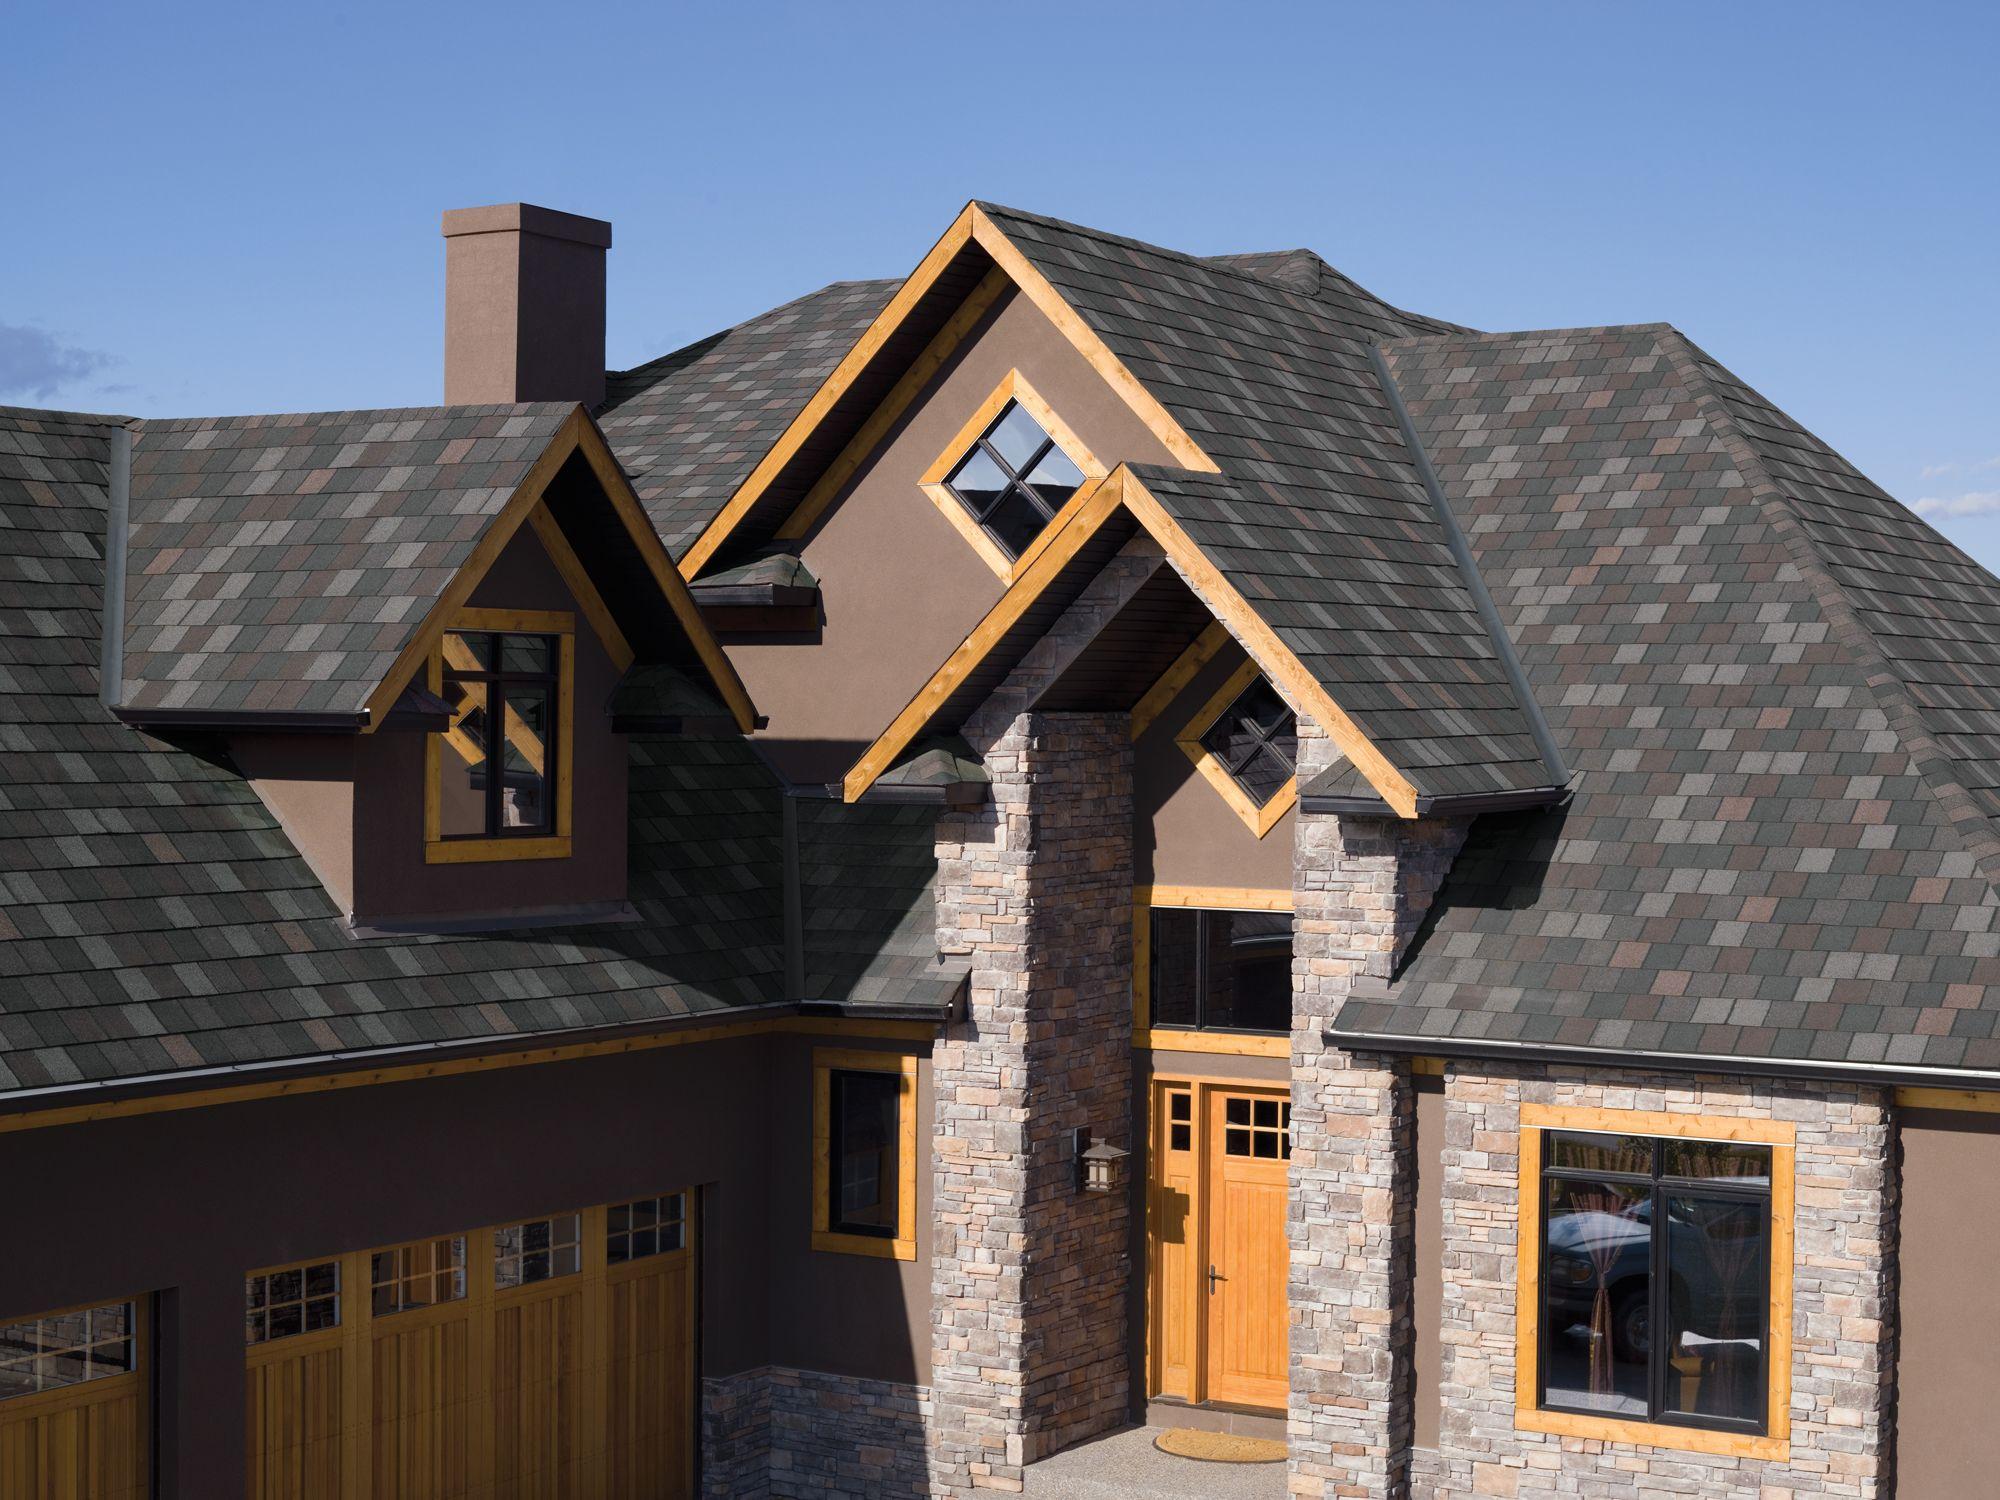 Iko Crowne Slate Royal Granite Designer Asphalt Roofing Shingle In 2020 Gable Roof Design Residential Roofing Shingles Fibreglass Roof